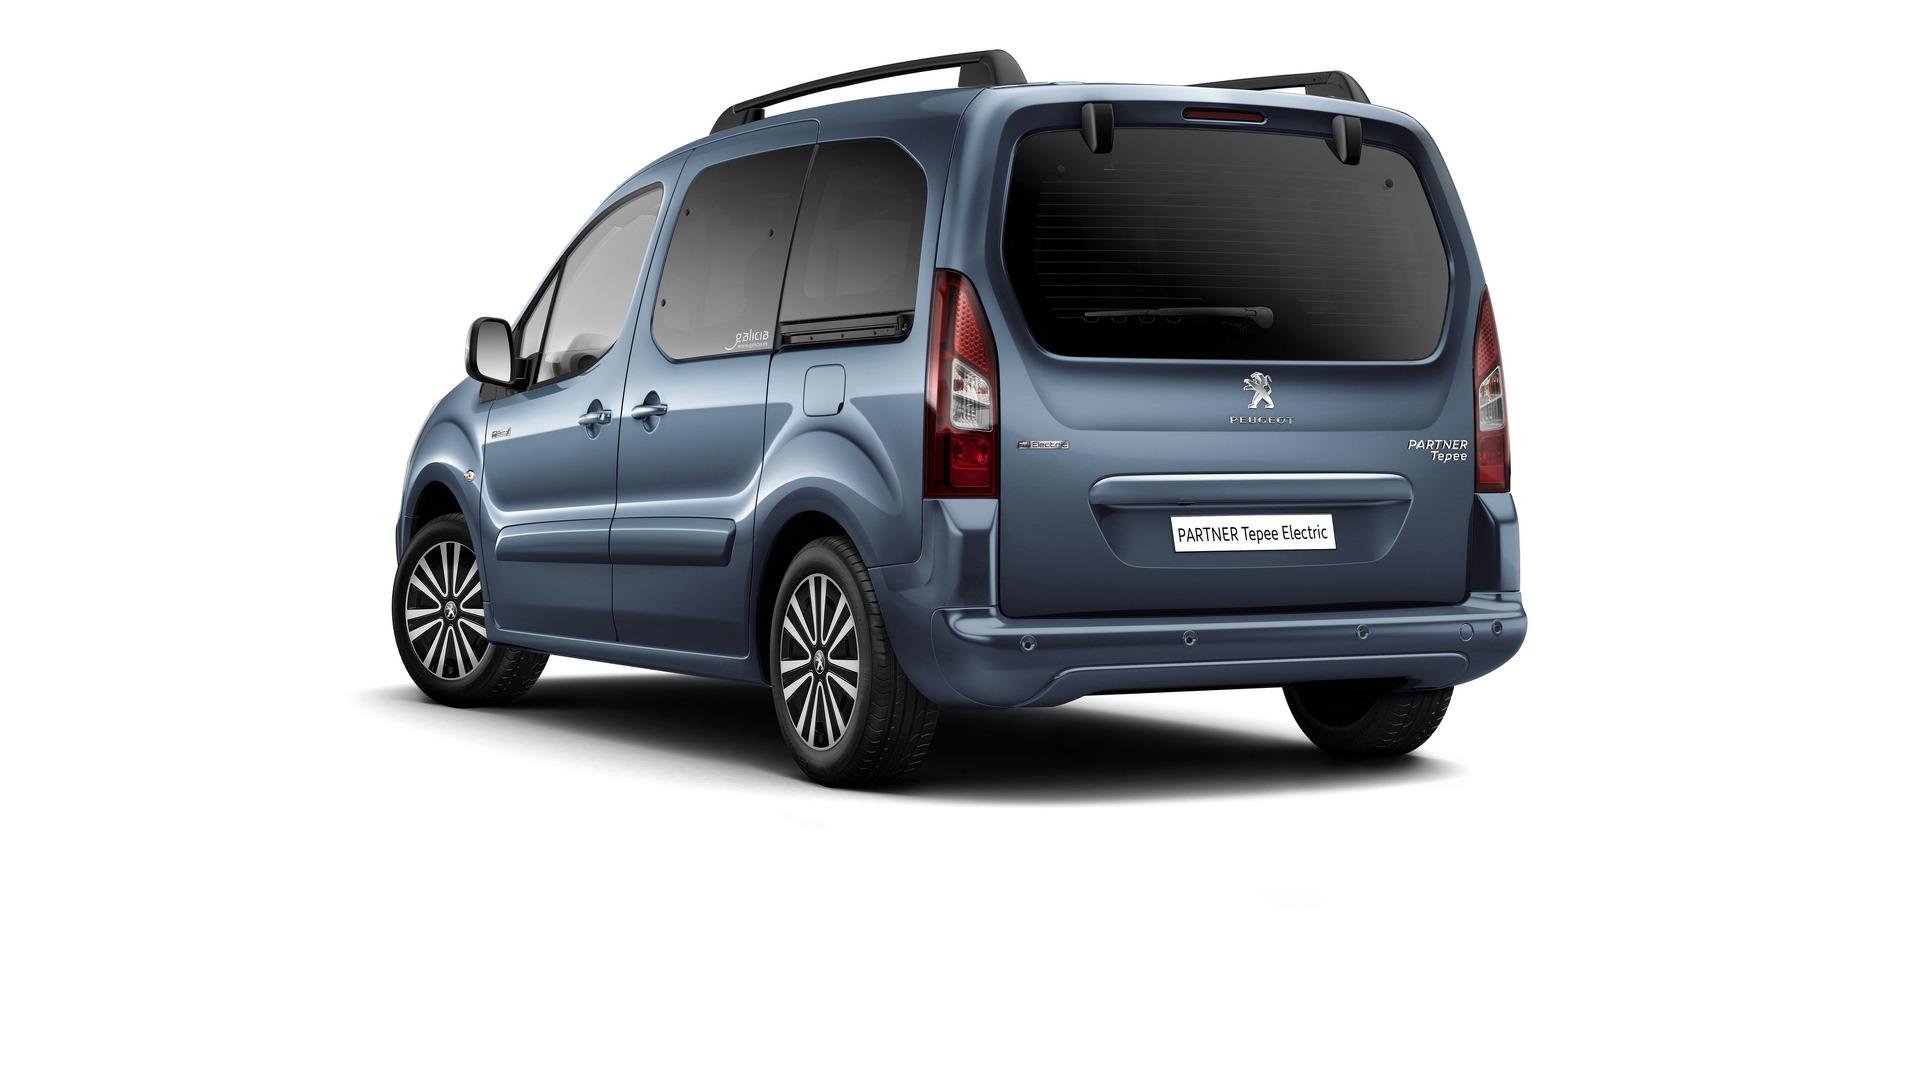 Peugeot Partner Tepee Electric 2017: Llega la versión eléctrica de la furgoneta con 170 km de autonomía